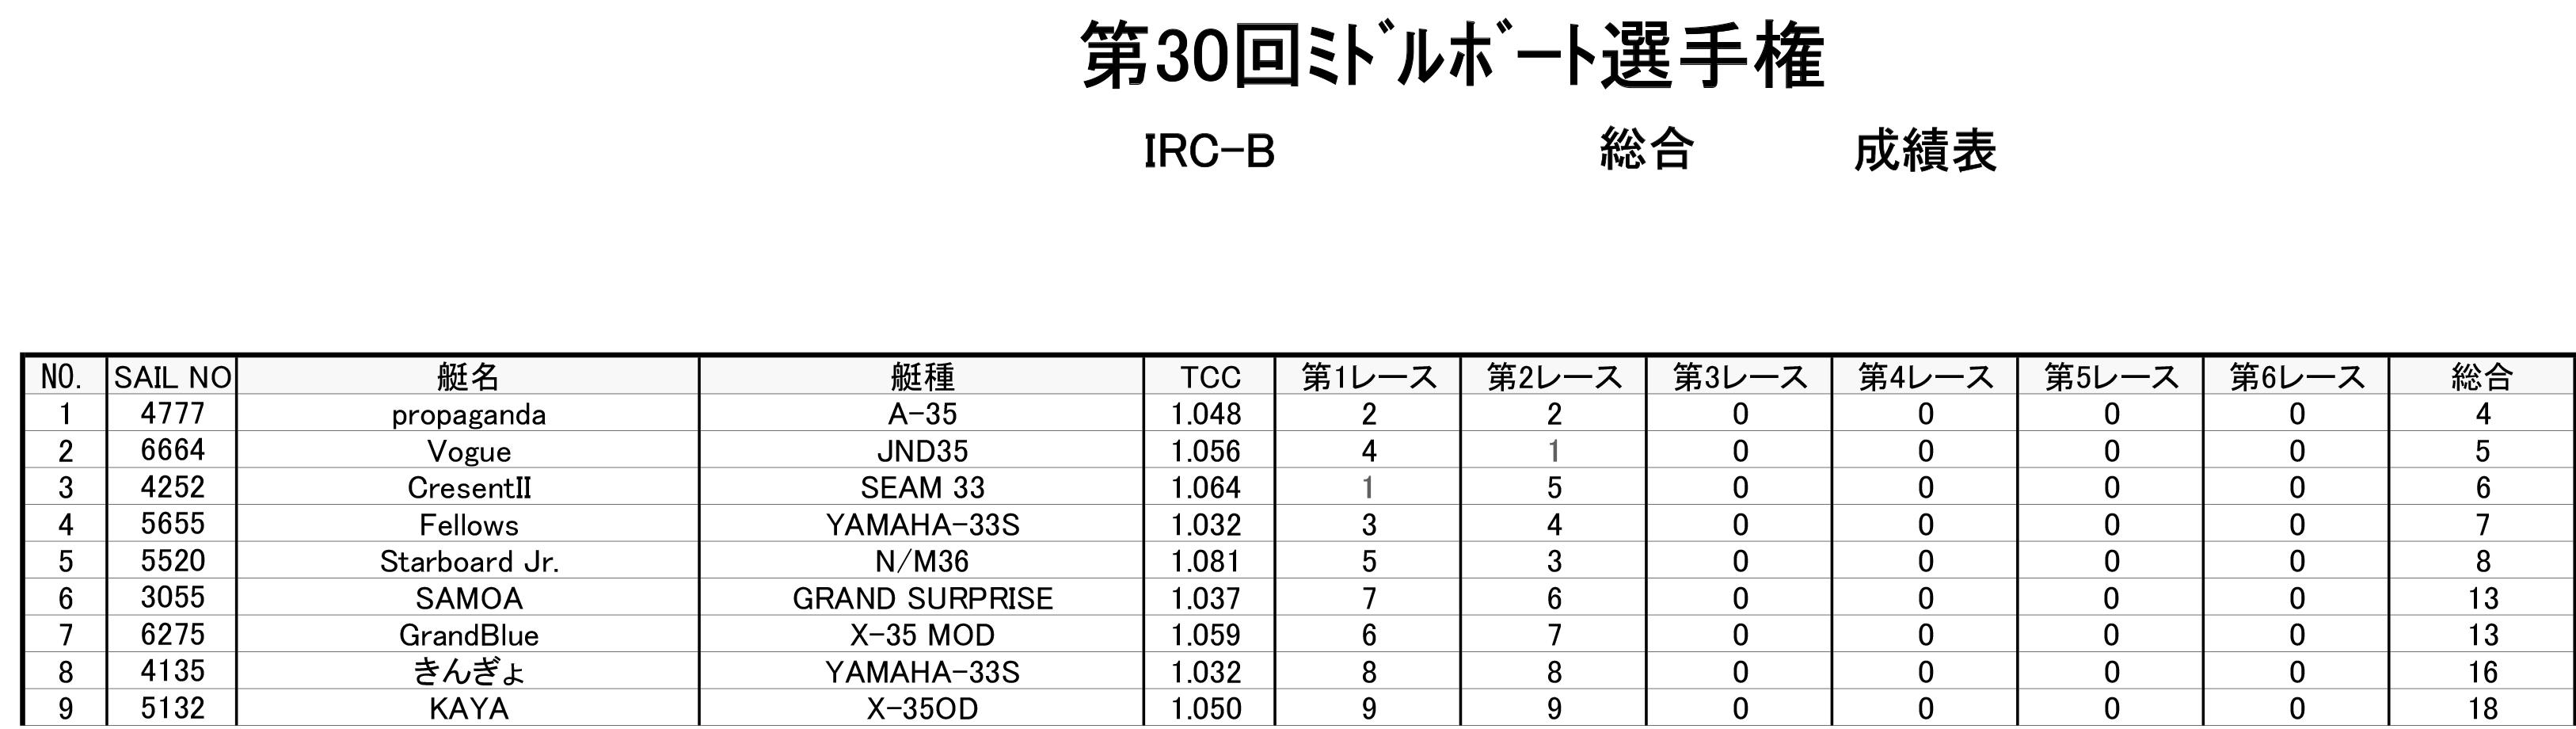 2018-05-06_ircb